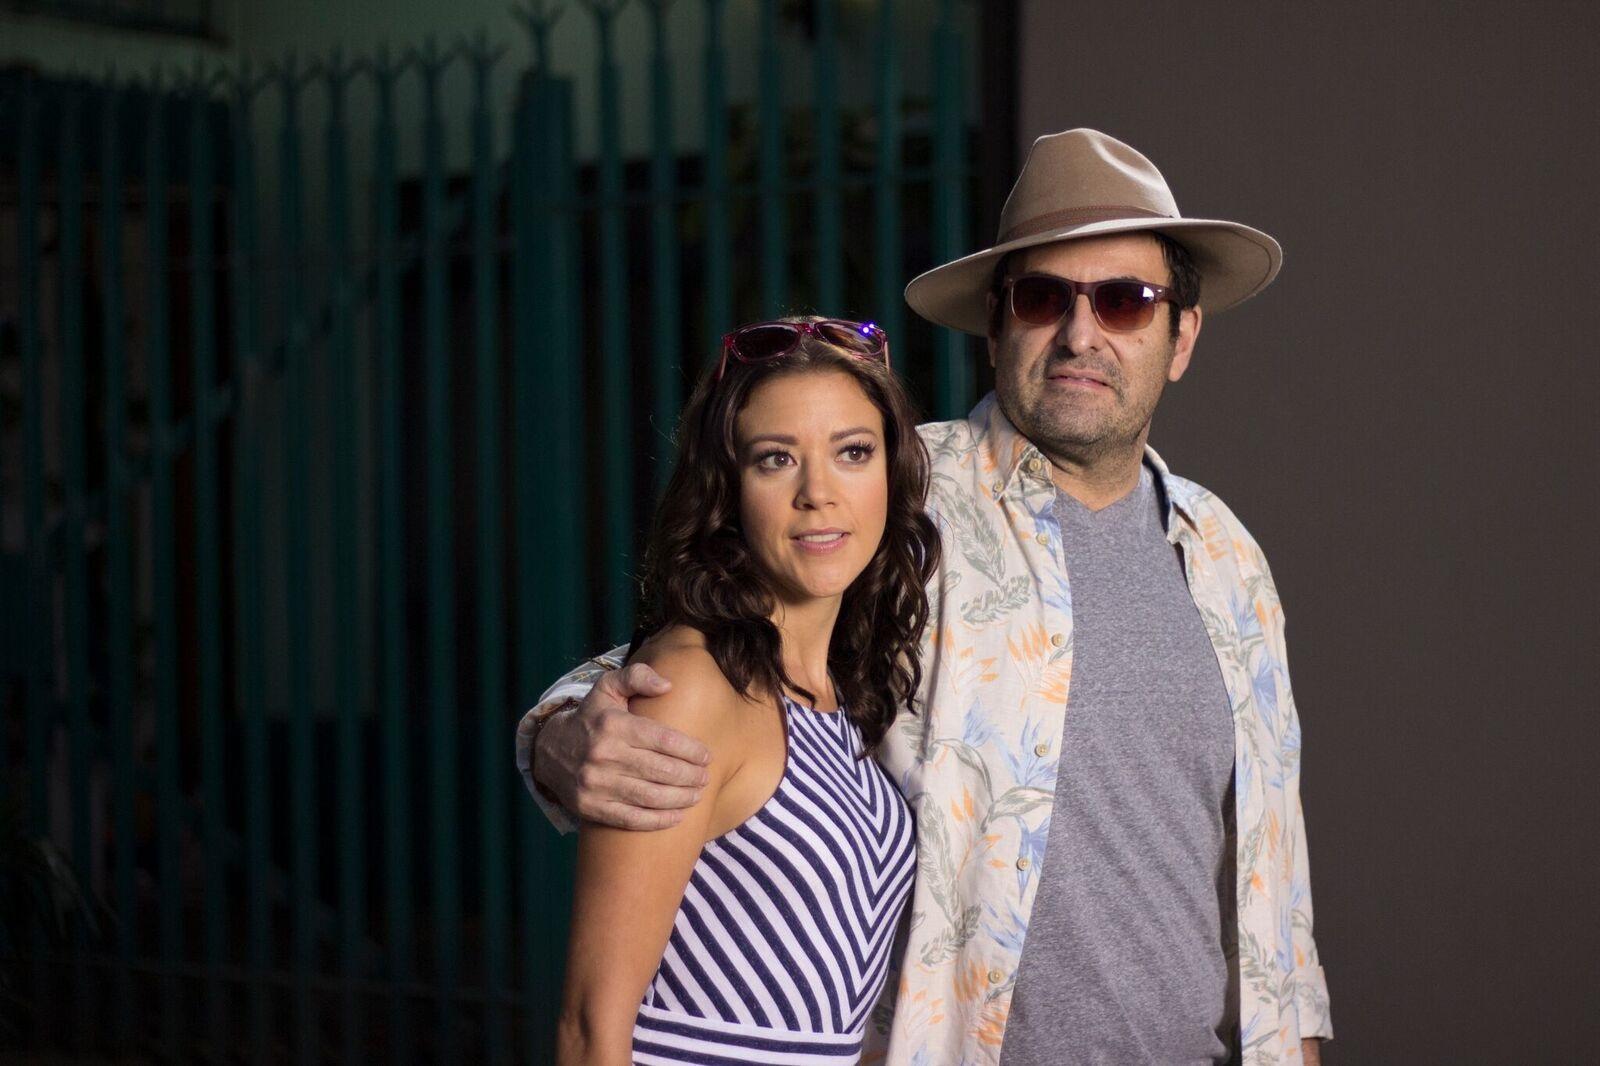 Una mujer sin filtro se estrena en México